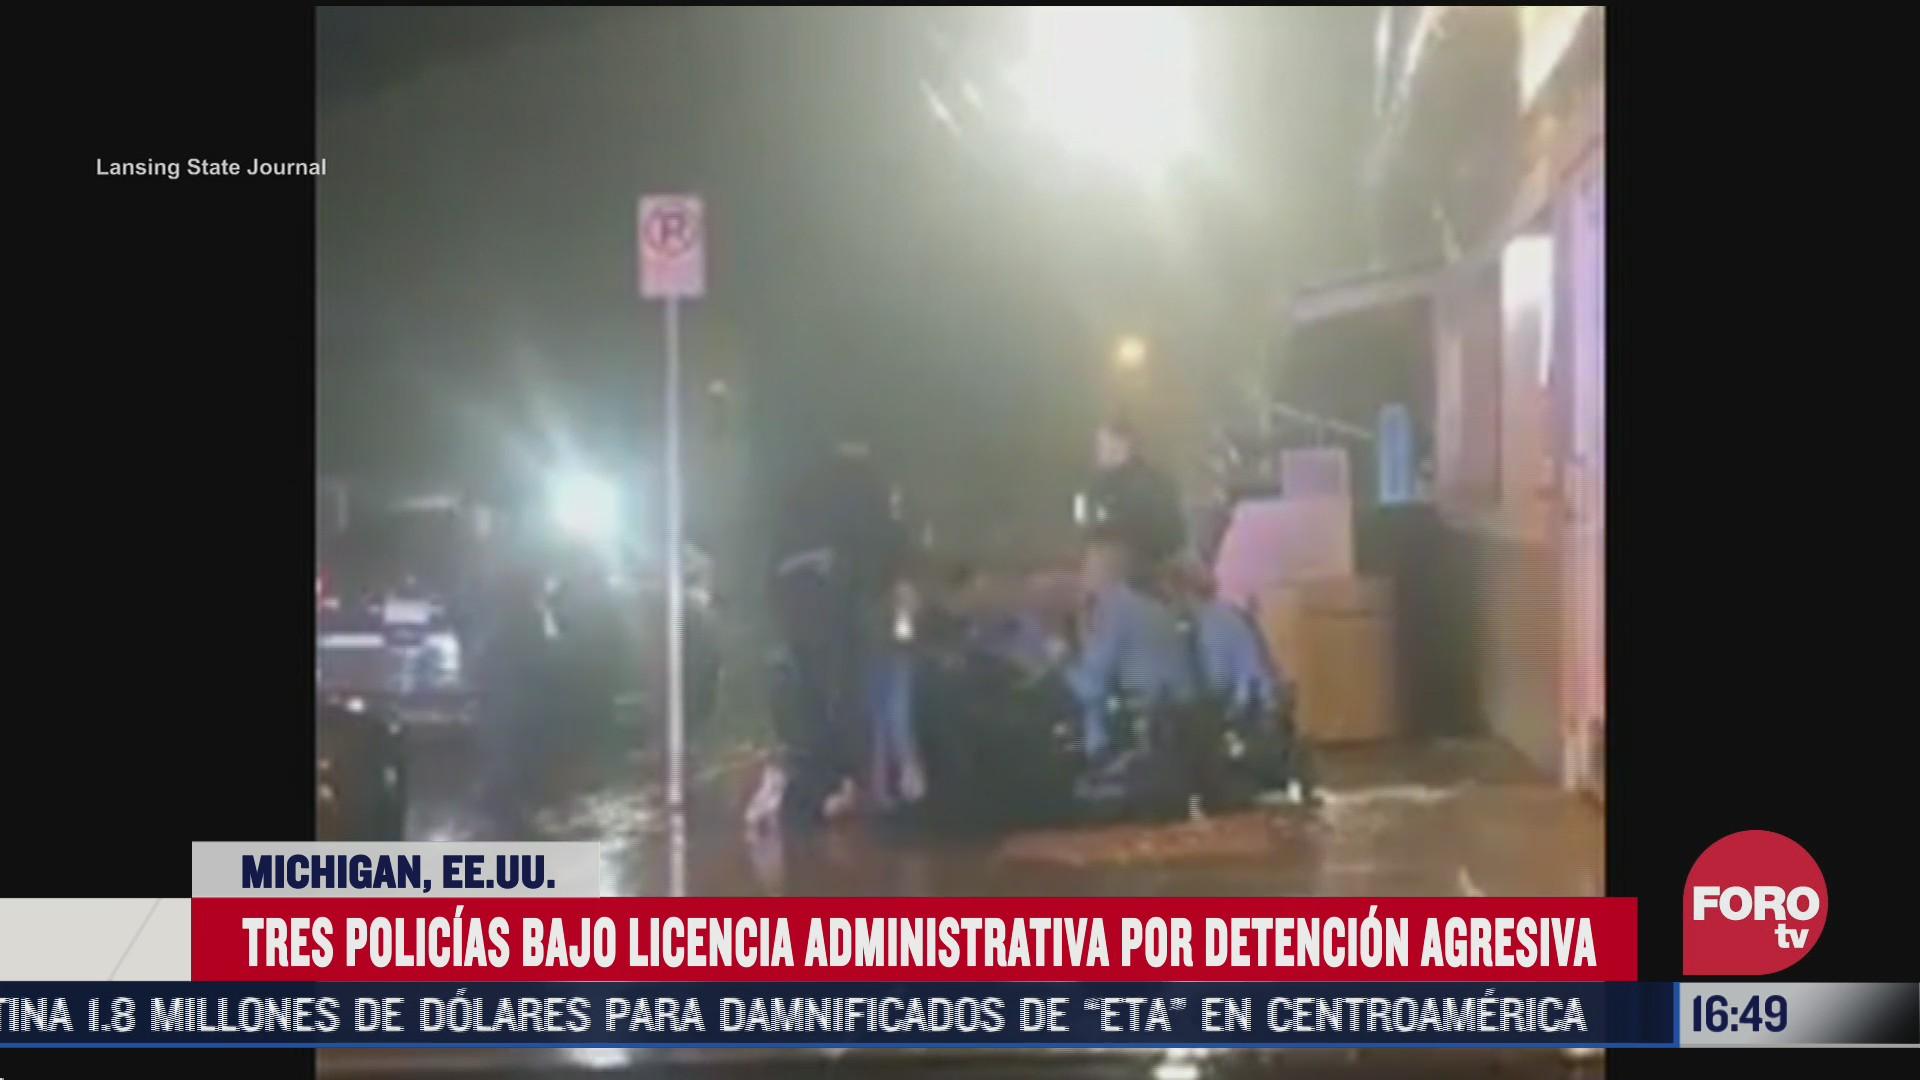 policias de michigan eeuu detienen agresivamente a ciudadano